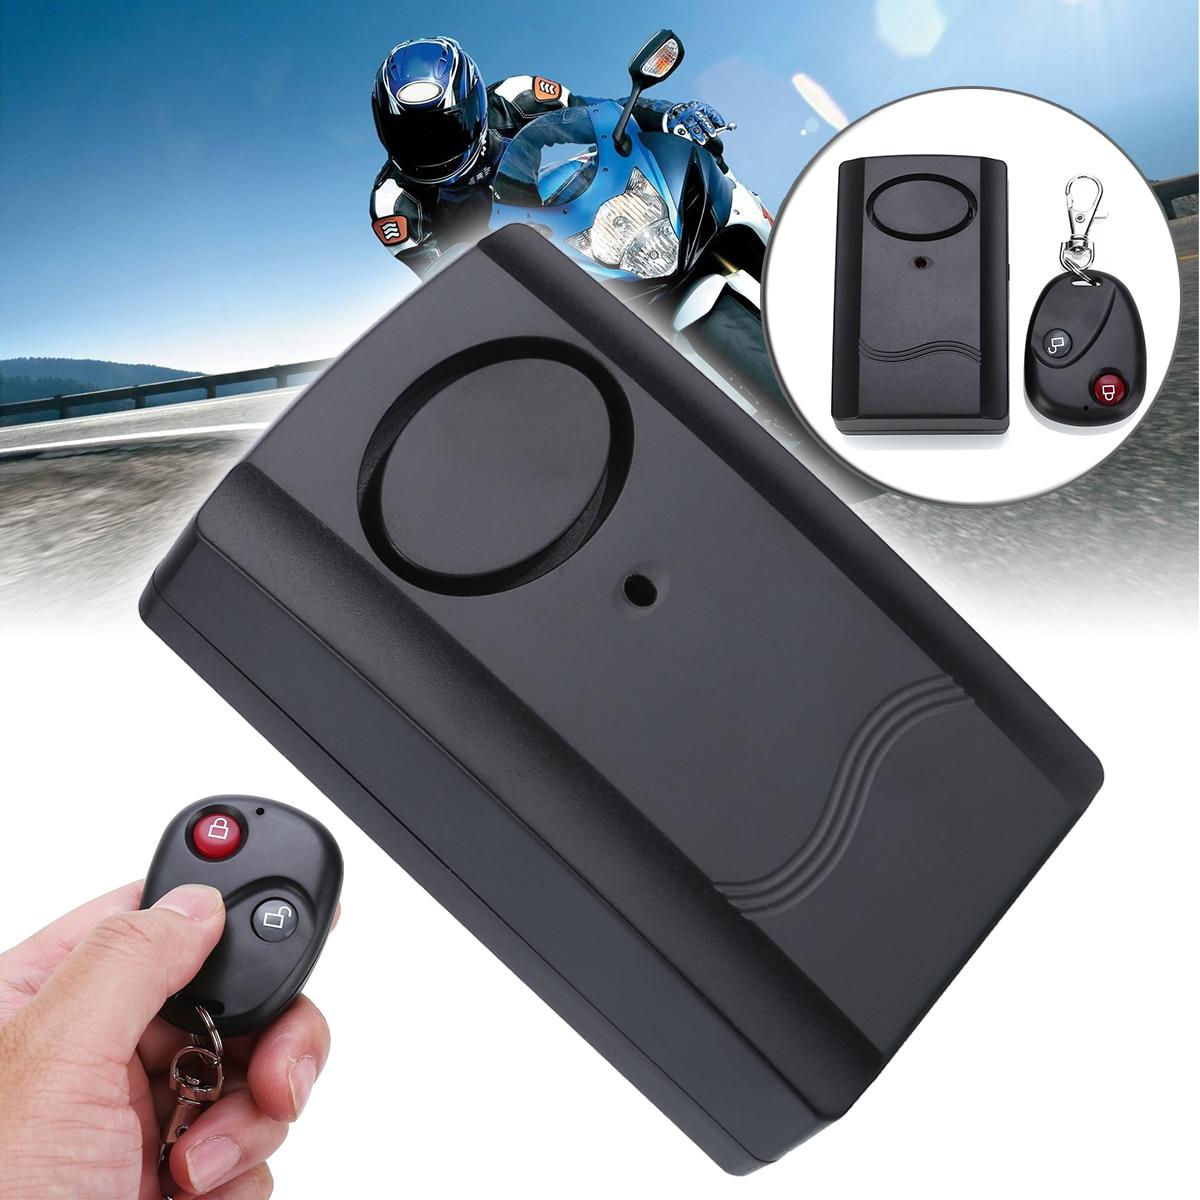 1 комплект, мотоциклетная охранная сигнализация, блокировка, защита от кражи, безопасность, автомобильная мото сигнализация, удаленная сист...